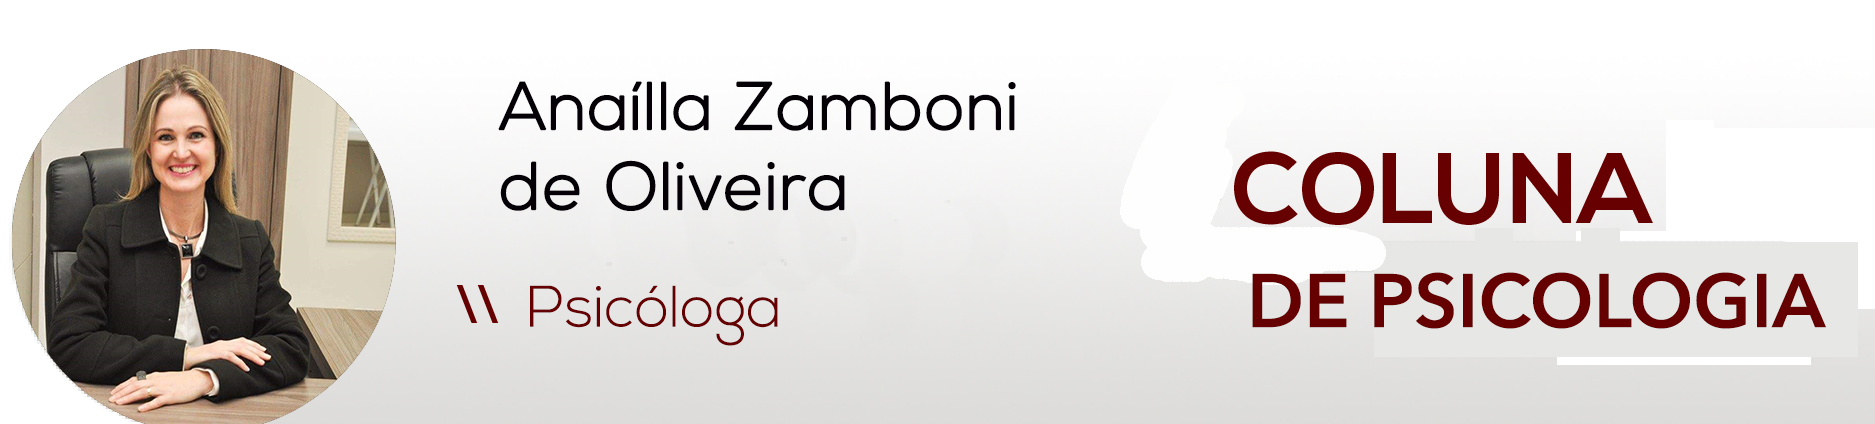 COLUNA PSICOLOGIA_